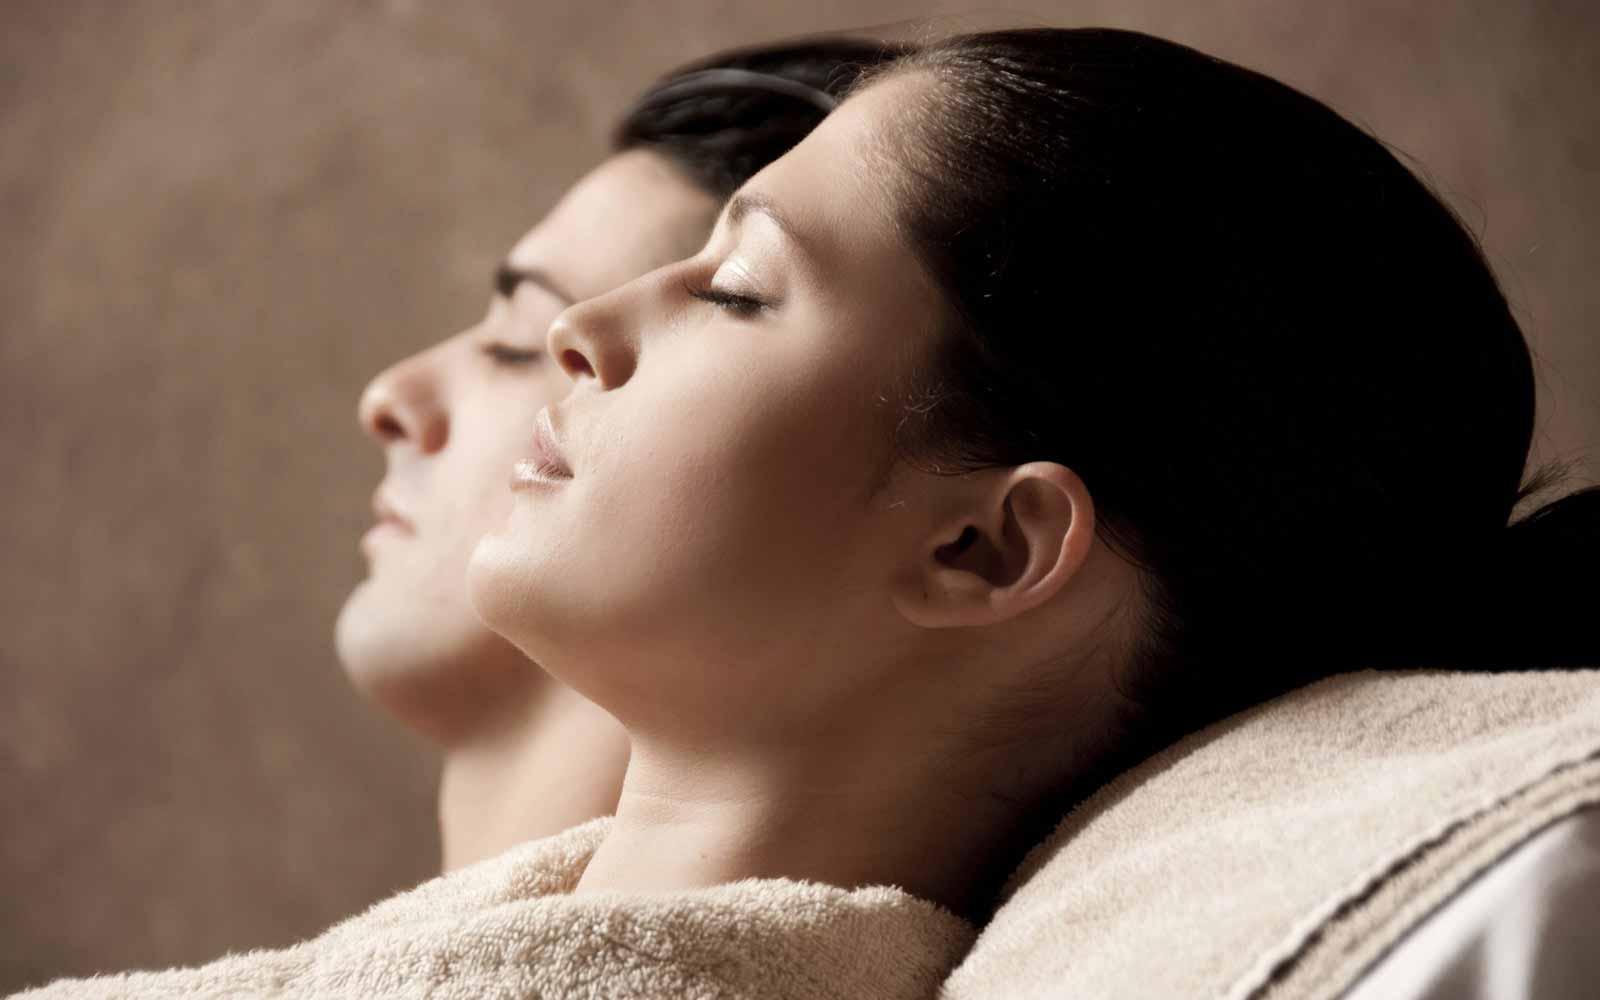 Bagni di Pisa massages and treatments